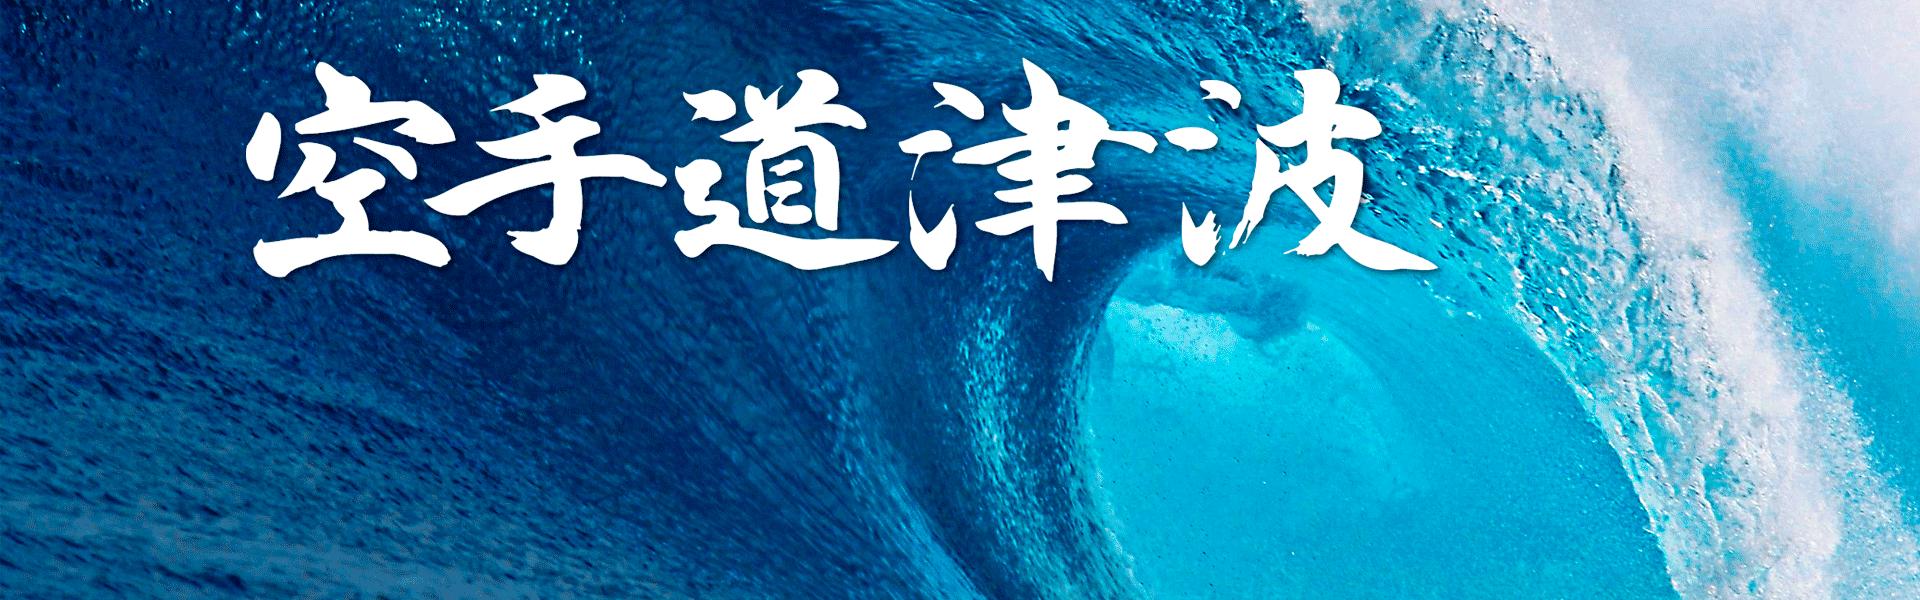 slider2-tsunami